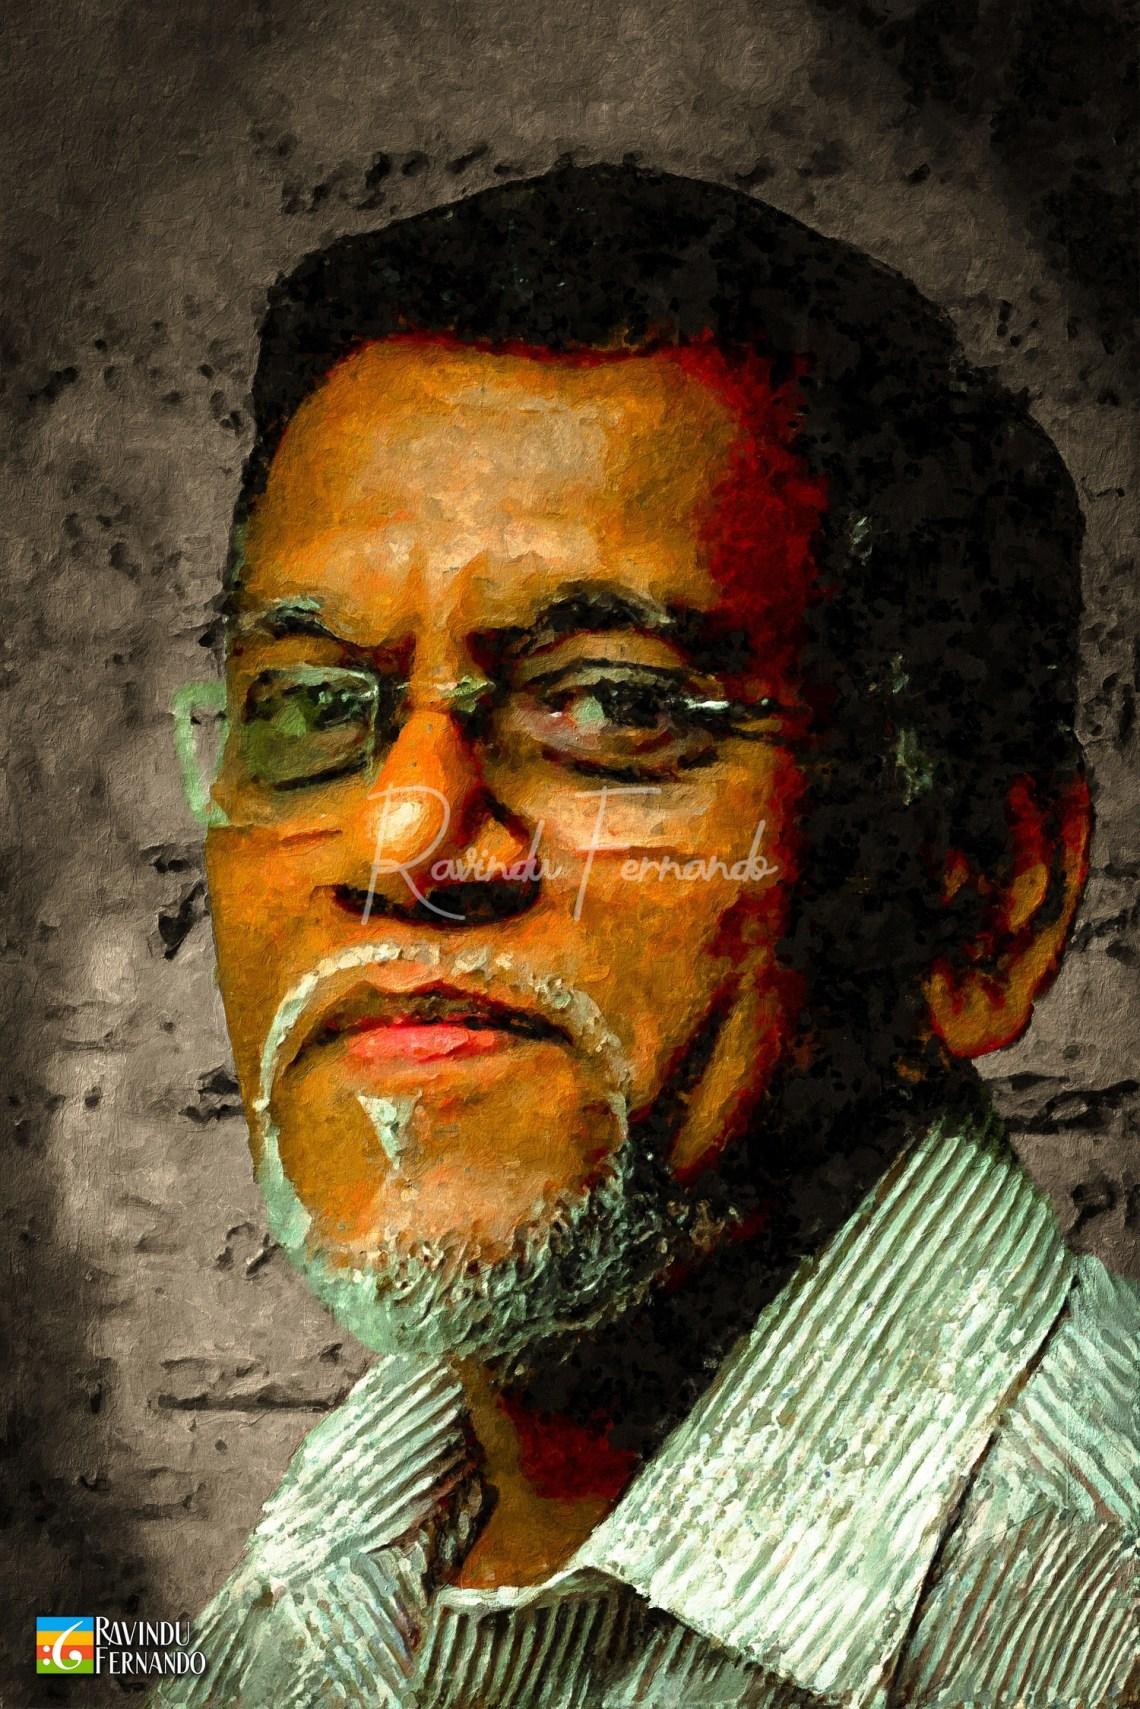 Nimal Peiris Digital Oil Painting by Ravindu Fernando